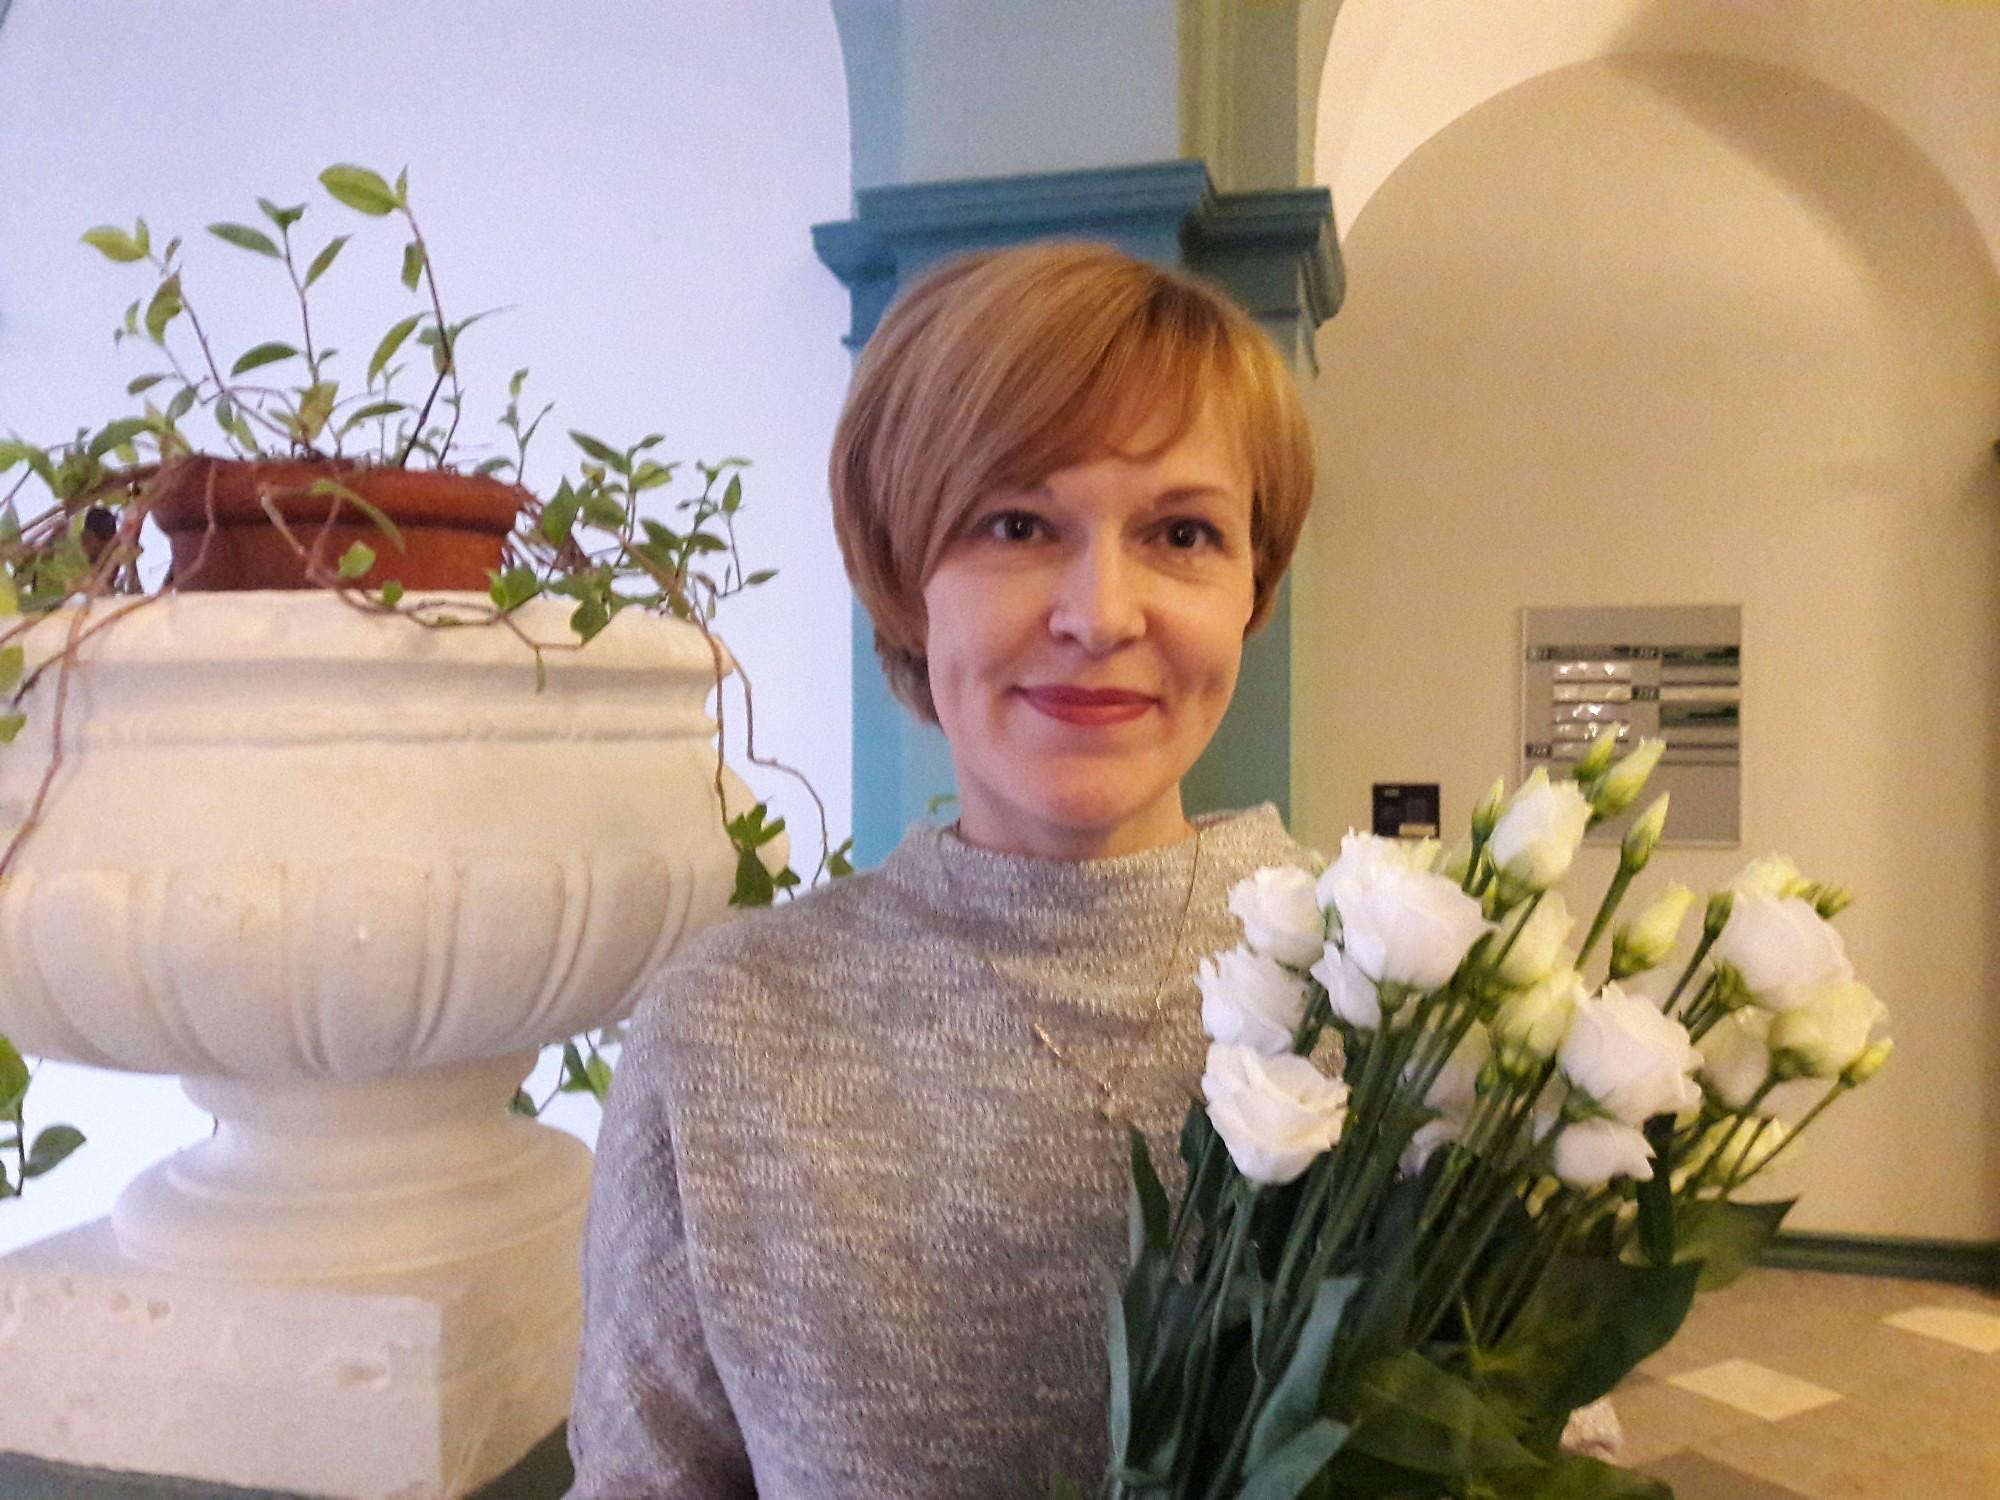 На должности директора 8-ой школы утверждена Анита Кунците